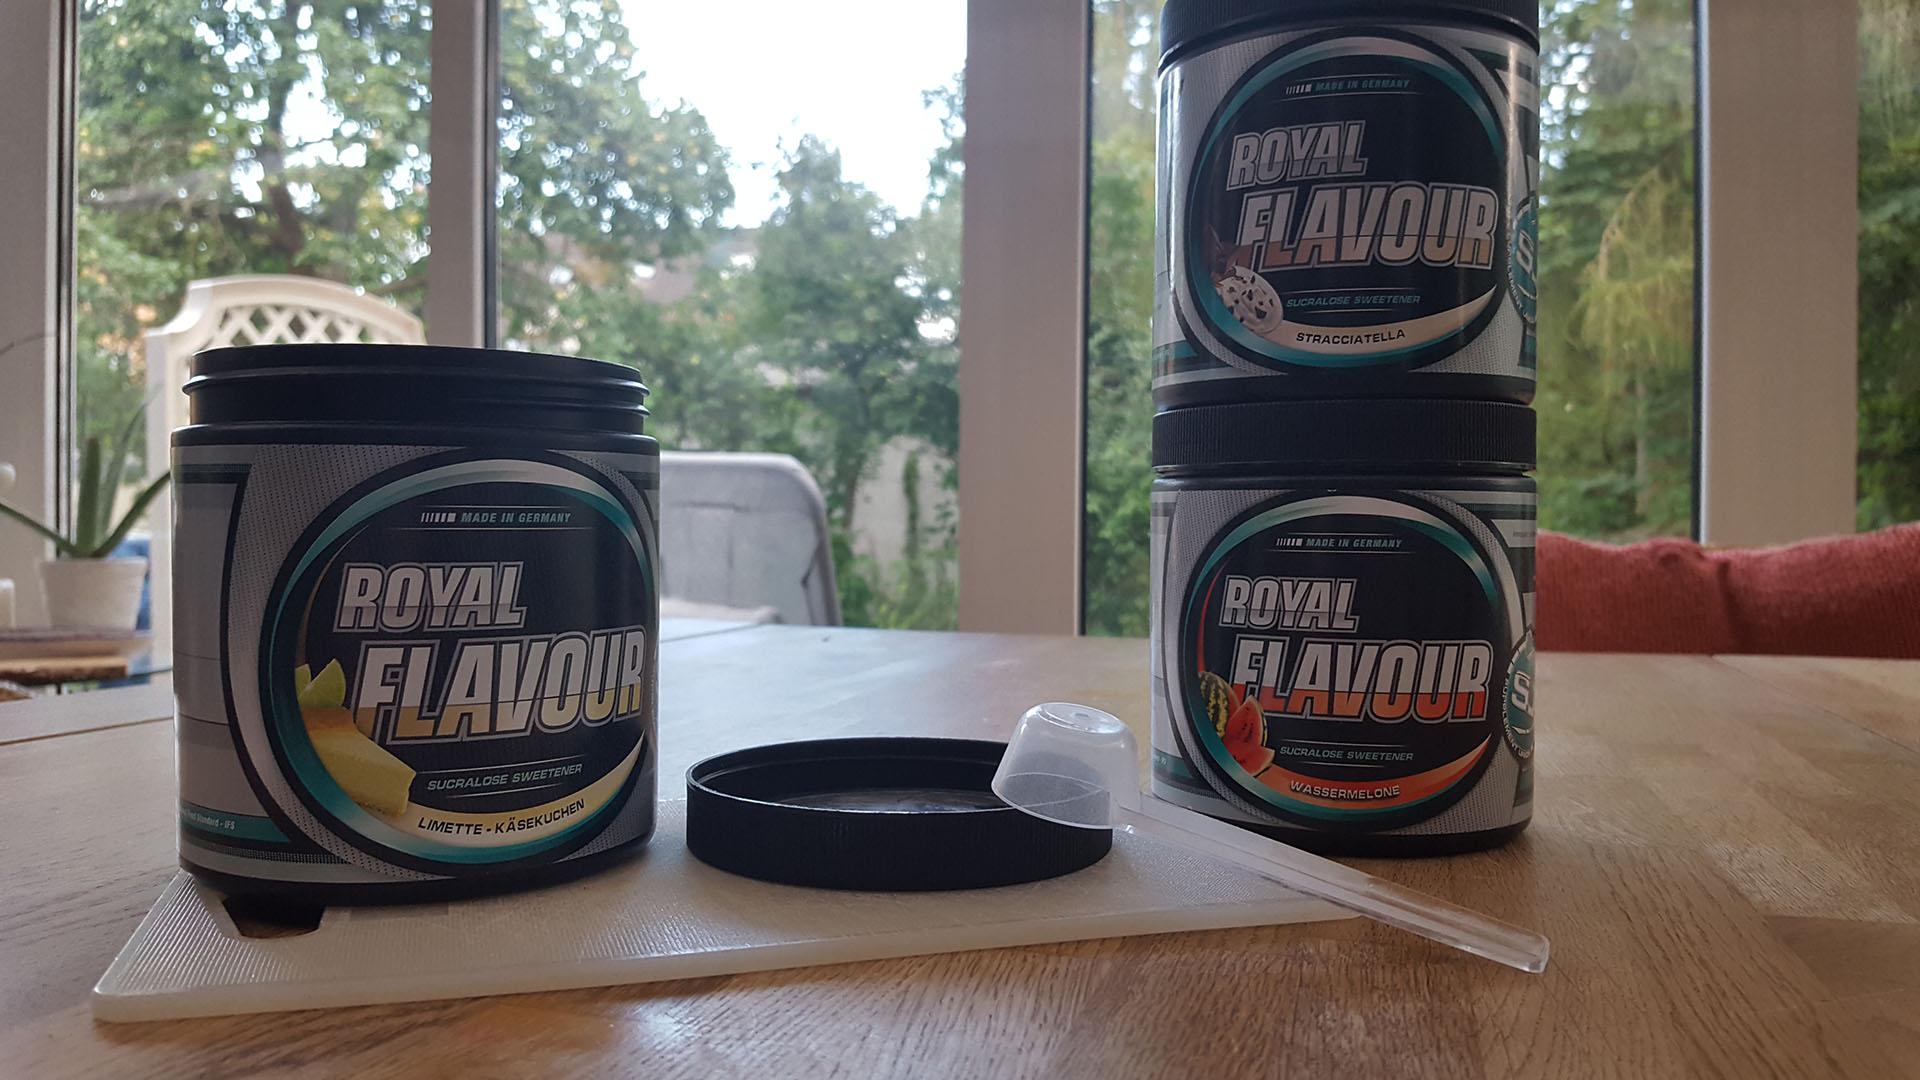 Royal Flavour im Test auf Kochen-verstehen.de